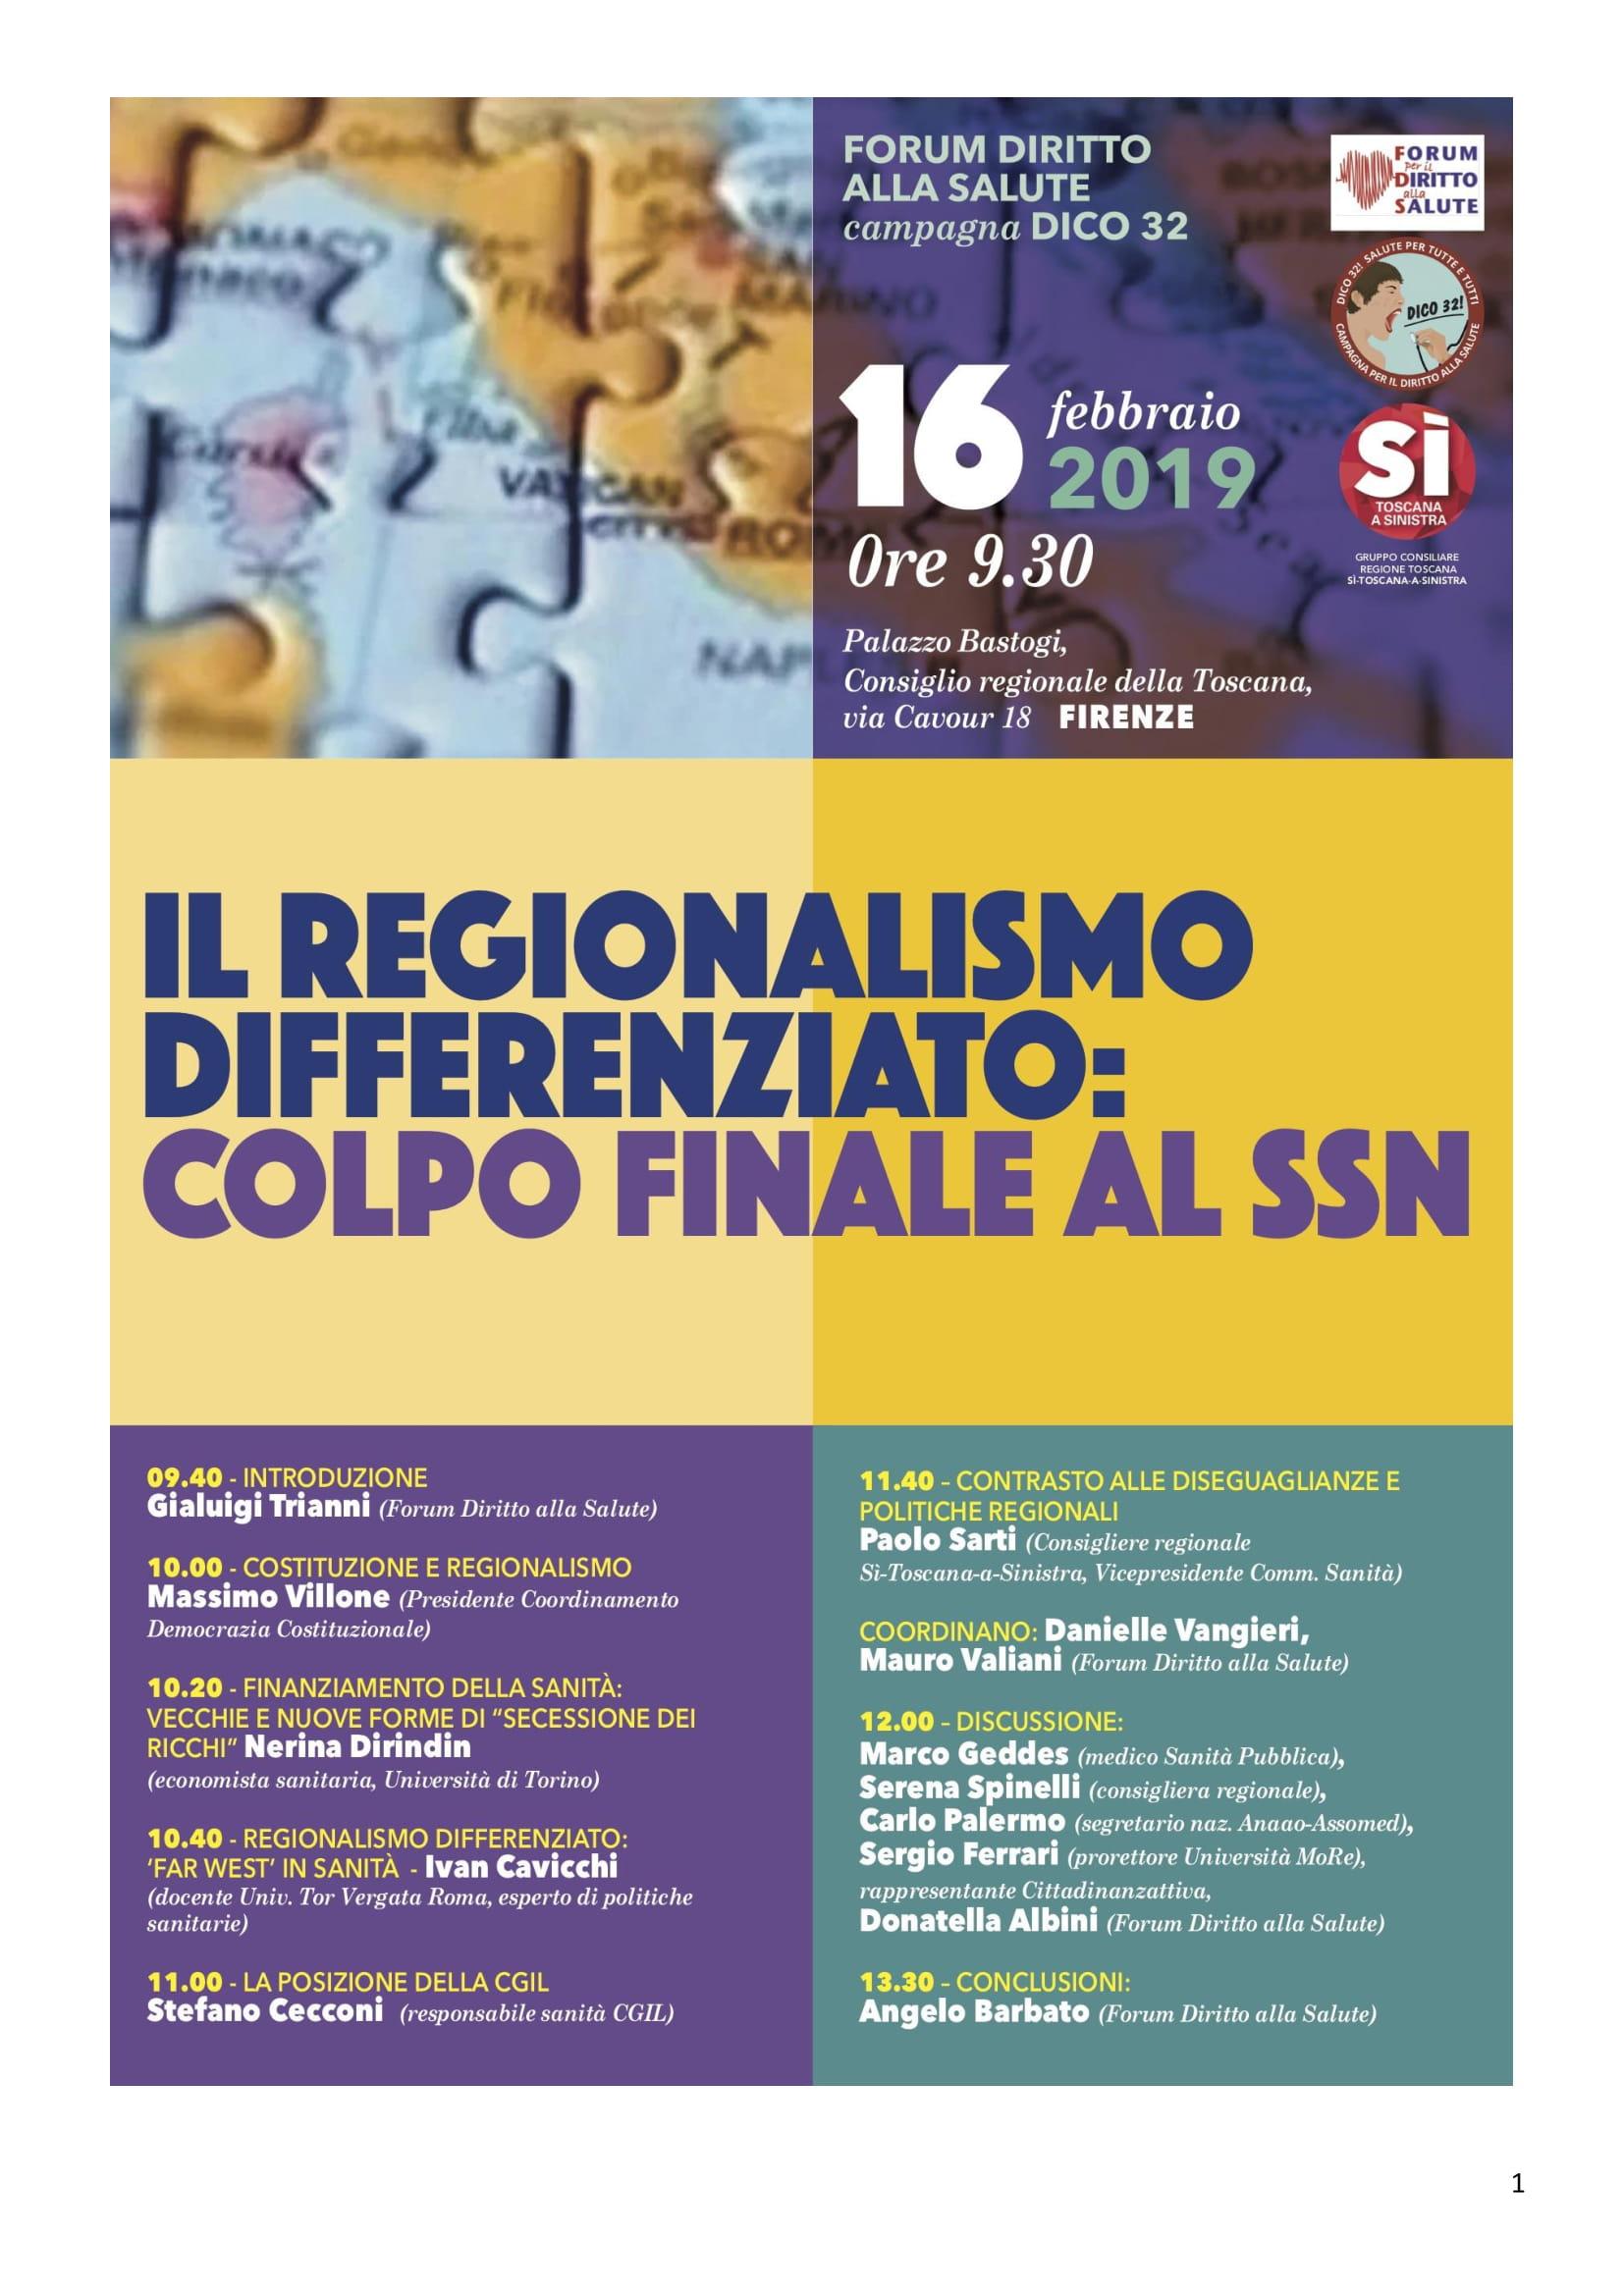 Convegno Regionalismo Differenziato Firenze 16.02.2019 Bozza 03.02.2019-1(1)